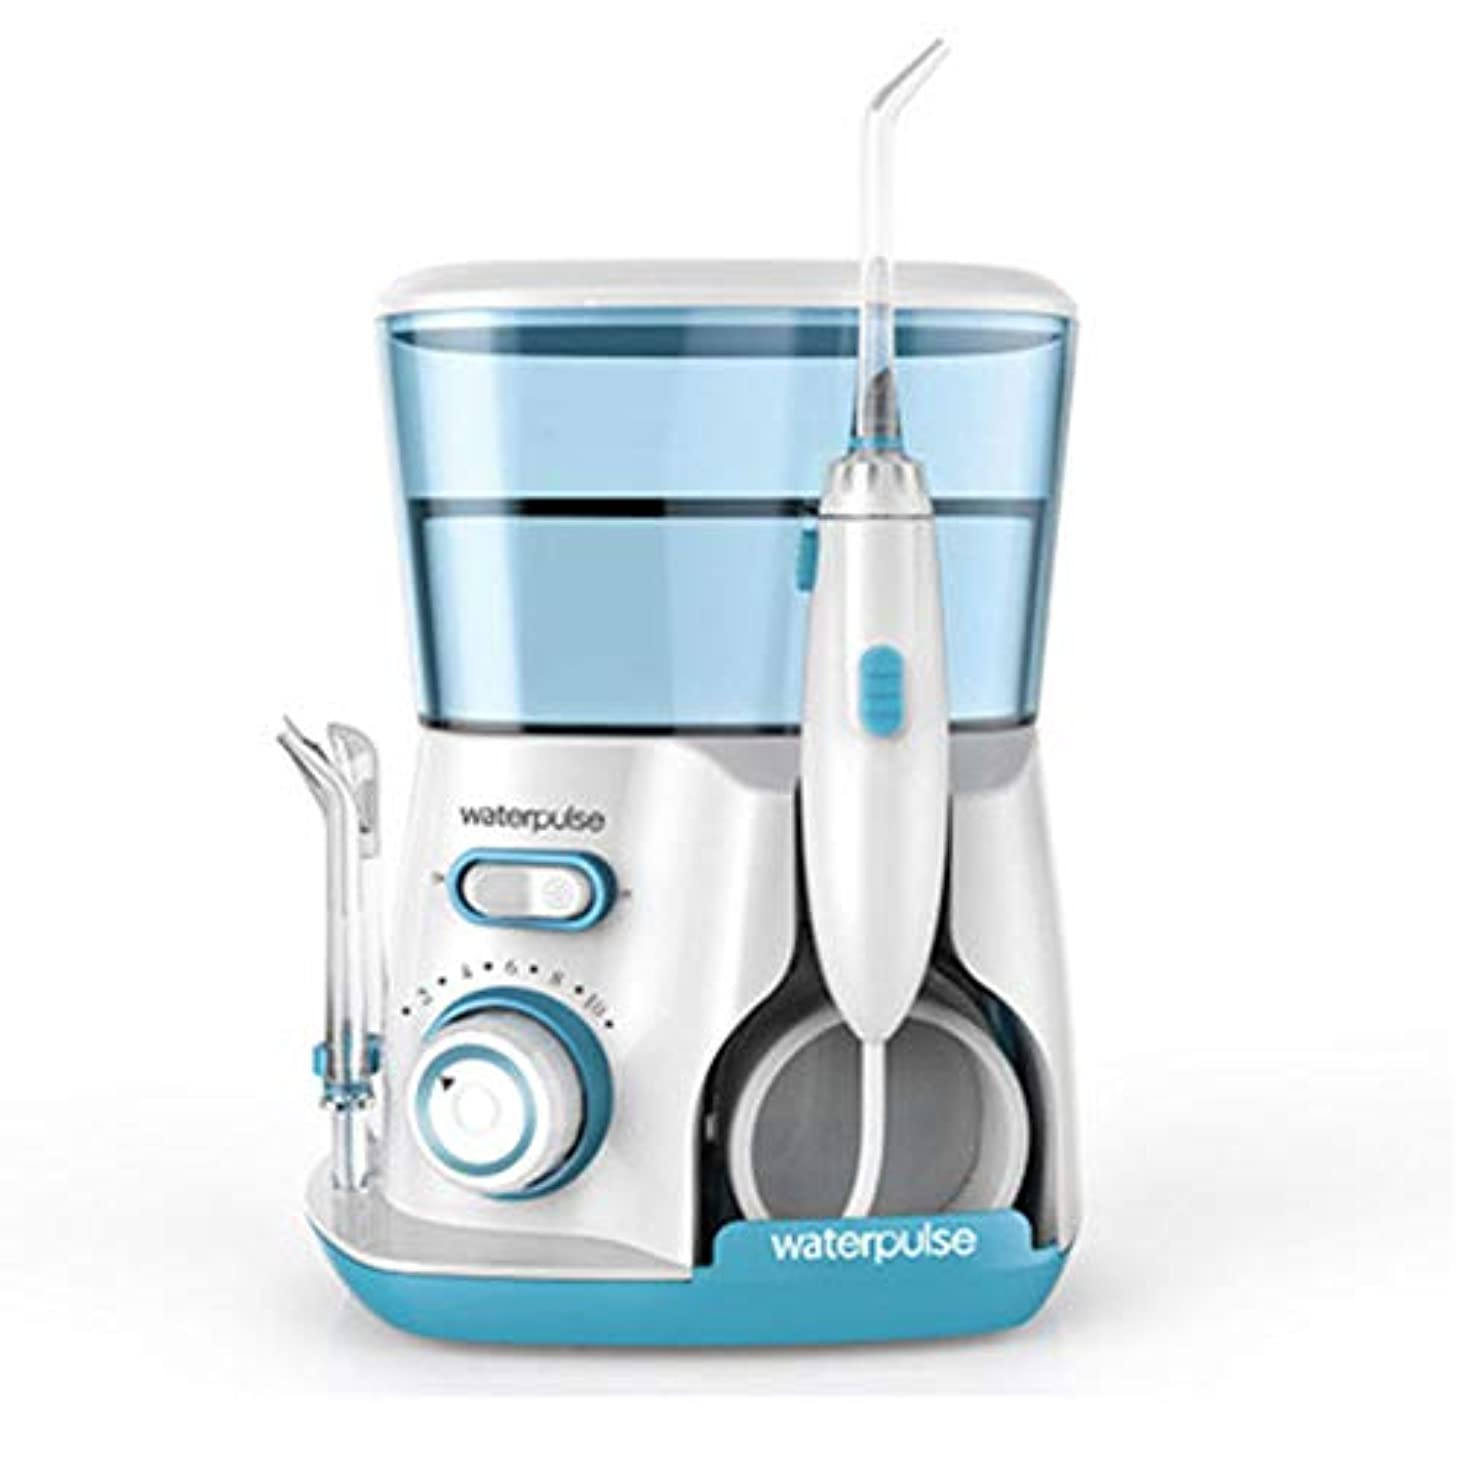 シーサイド付ける短命水の容量800mlの5つの多機能ヒントのカウンタートップ歯科口腔洗浄器でリークプルーフ電気静かな設計ホーム&トラベル (色 : Green)